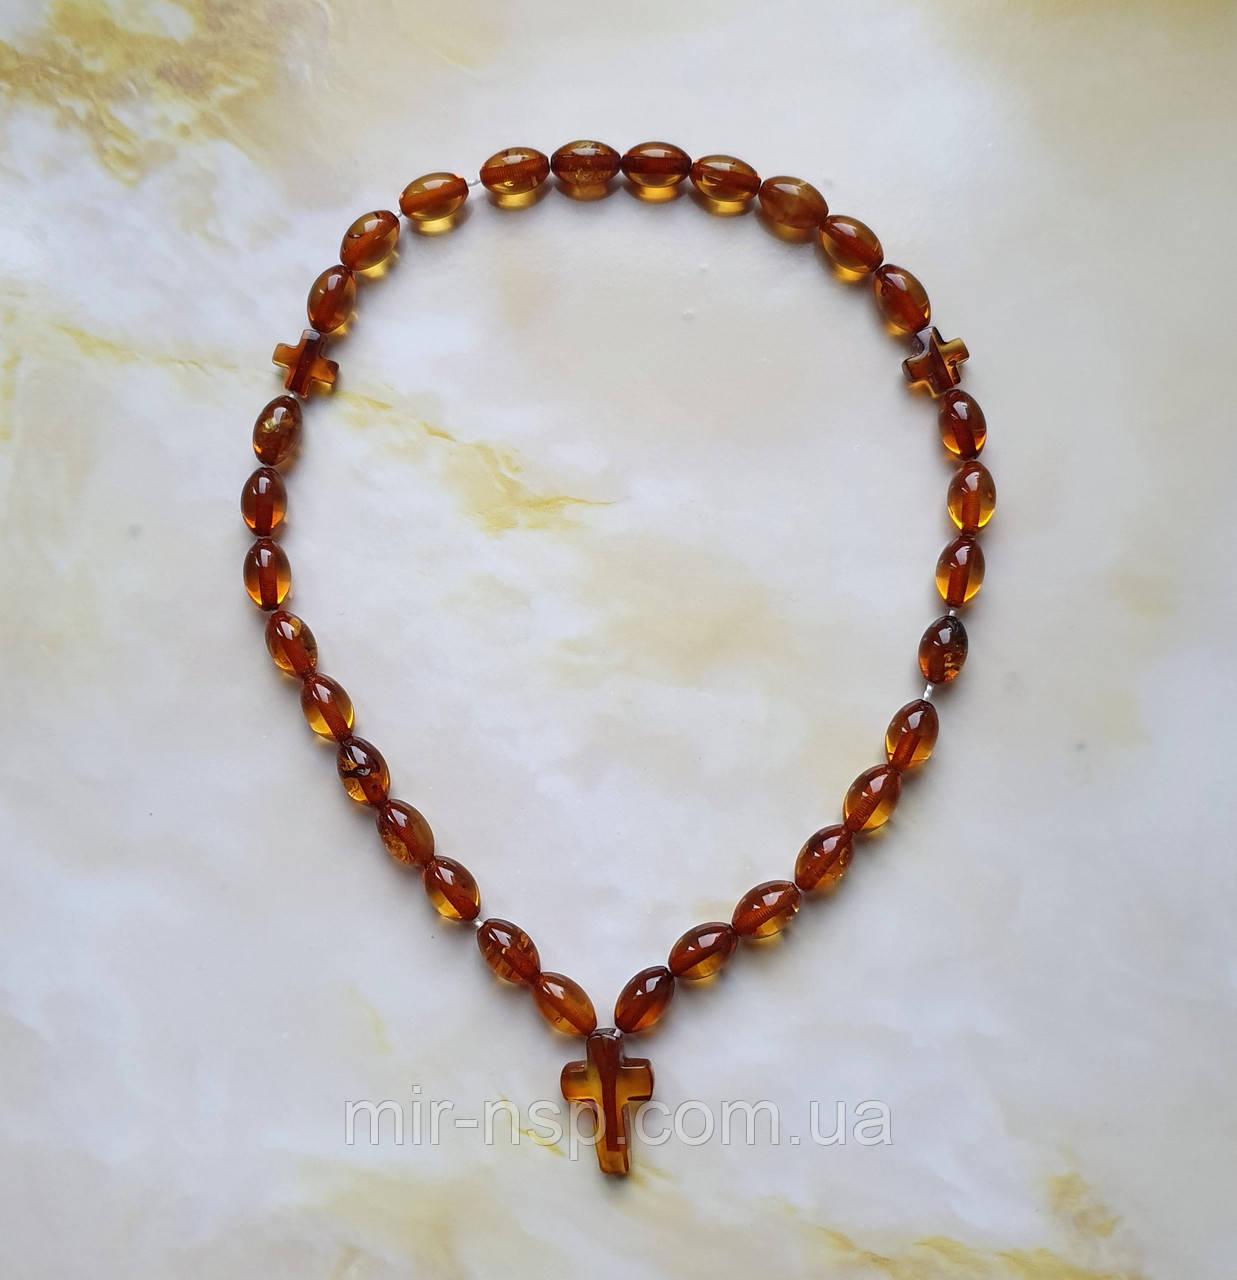 Четки православные с крестом 100% натуральный янтарь (не пресс, не плавка) 30 бусин 10*7 мм вес 10г